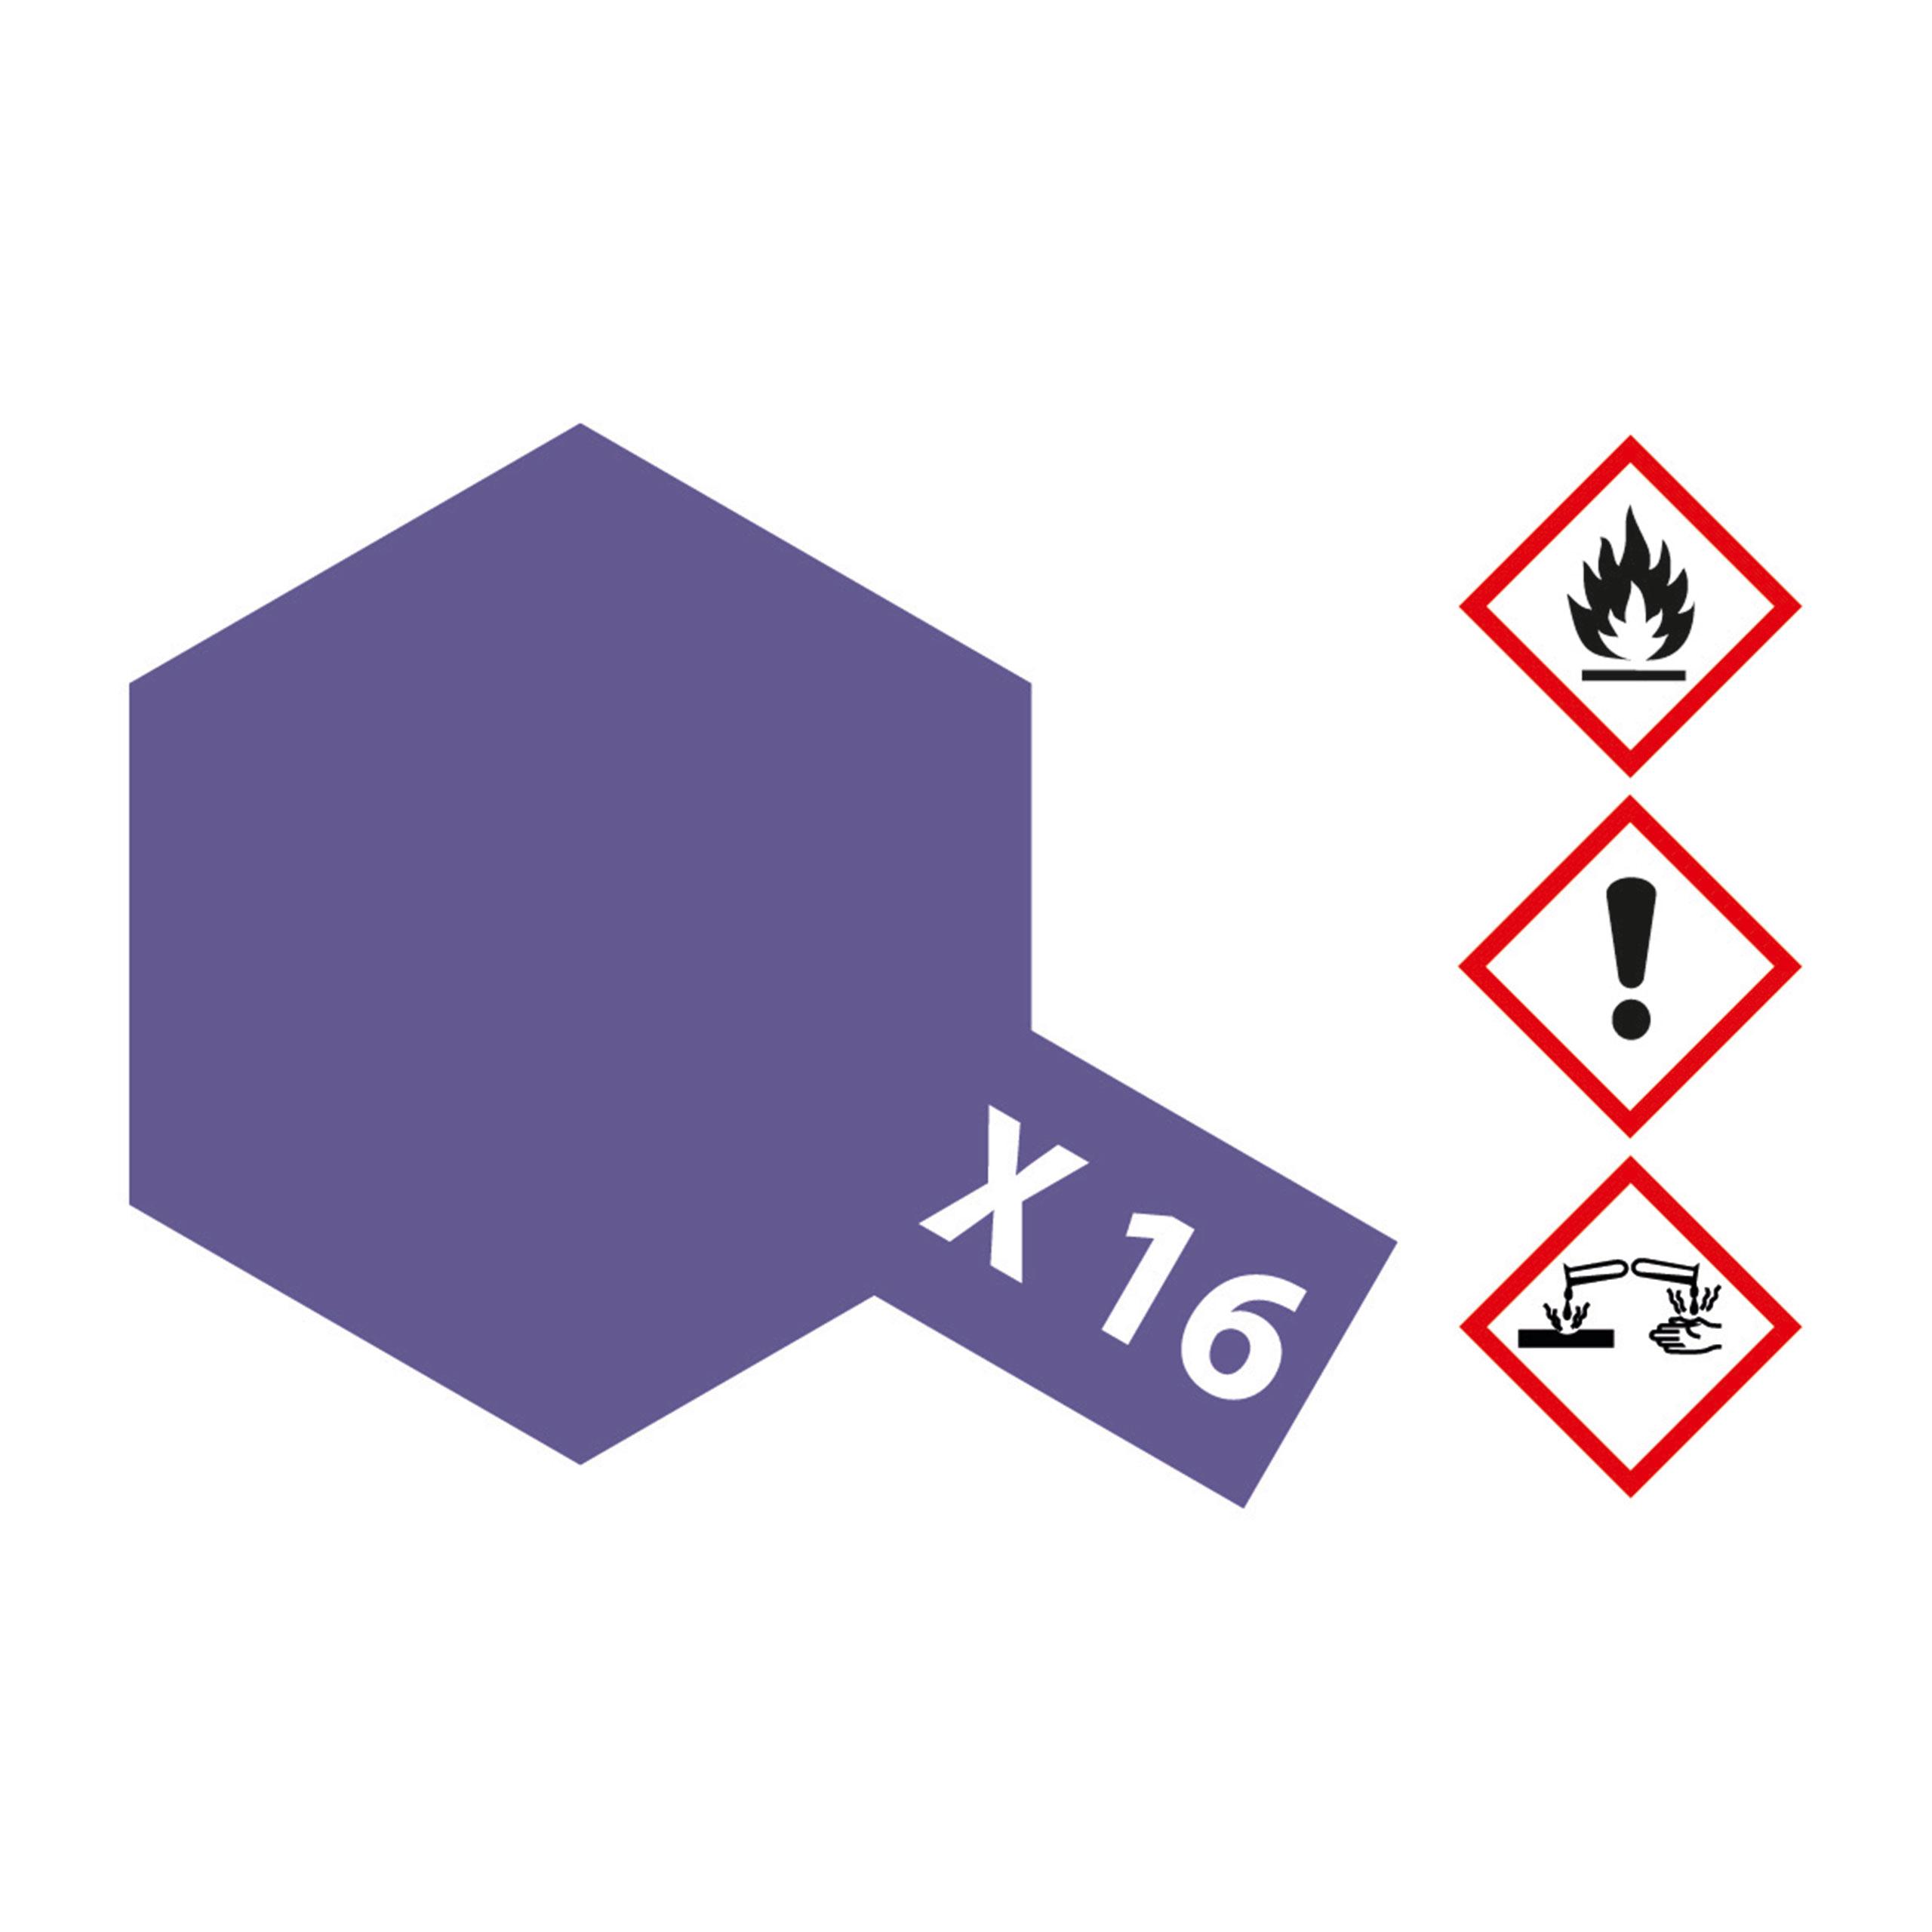 X-16 Violett glaenzend - 23ml Acrylstreichfarbe wasserlöslich Tamiya 300081016